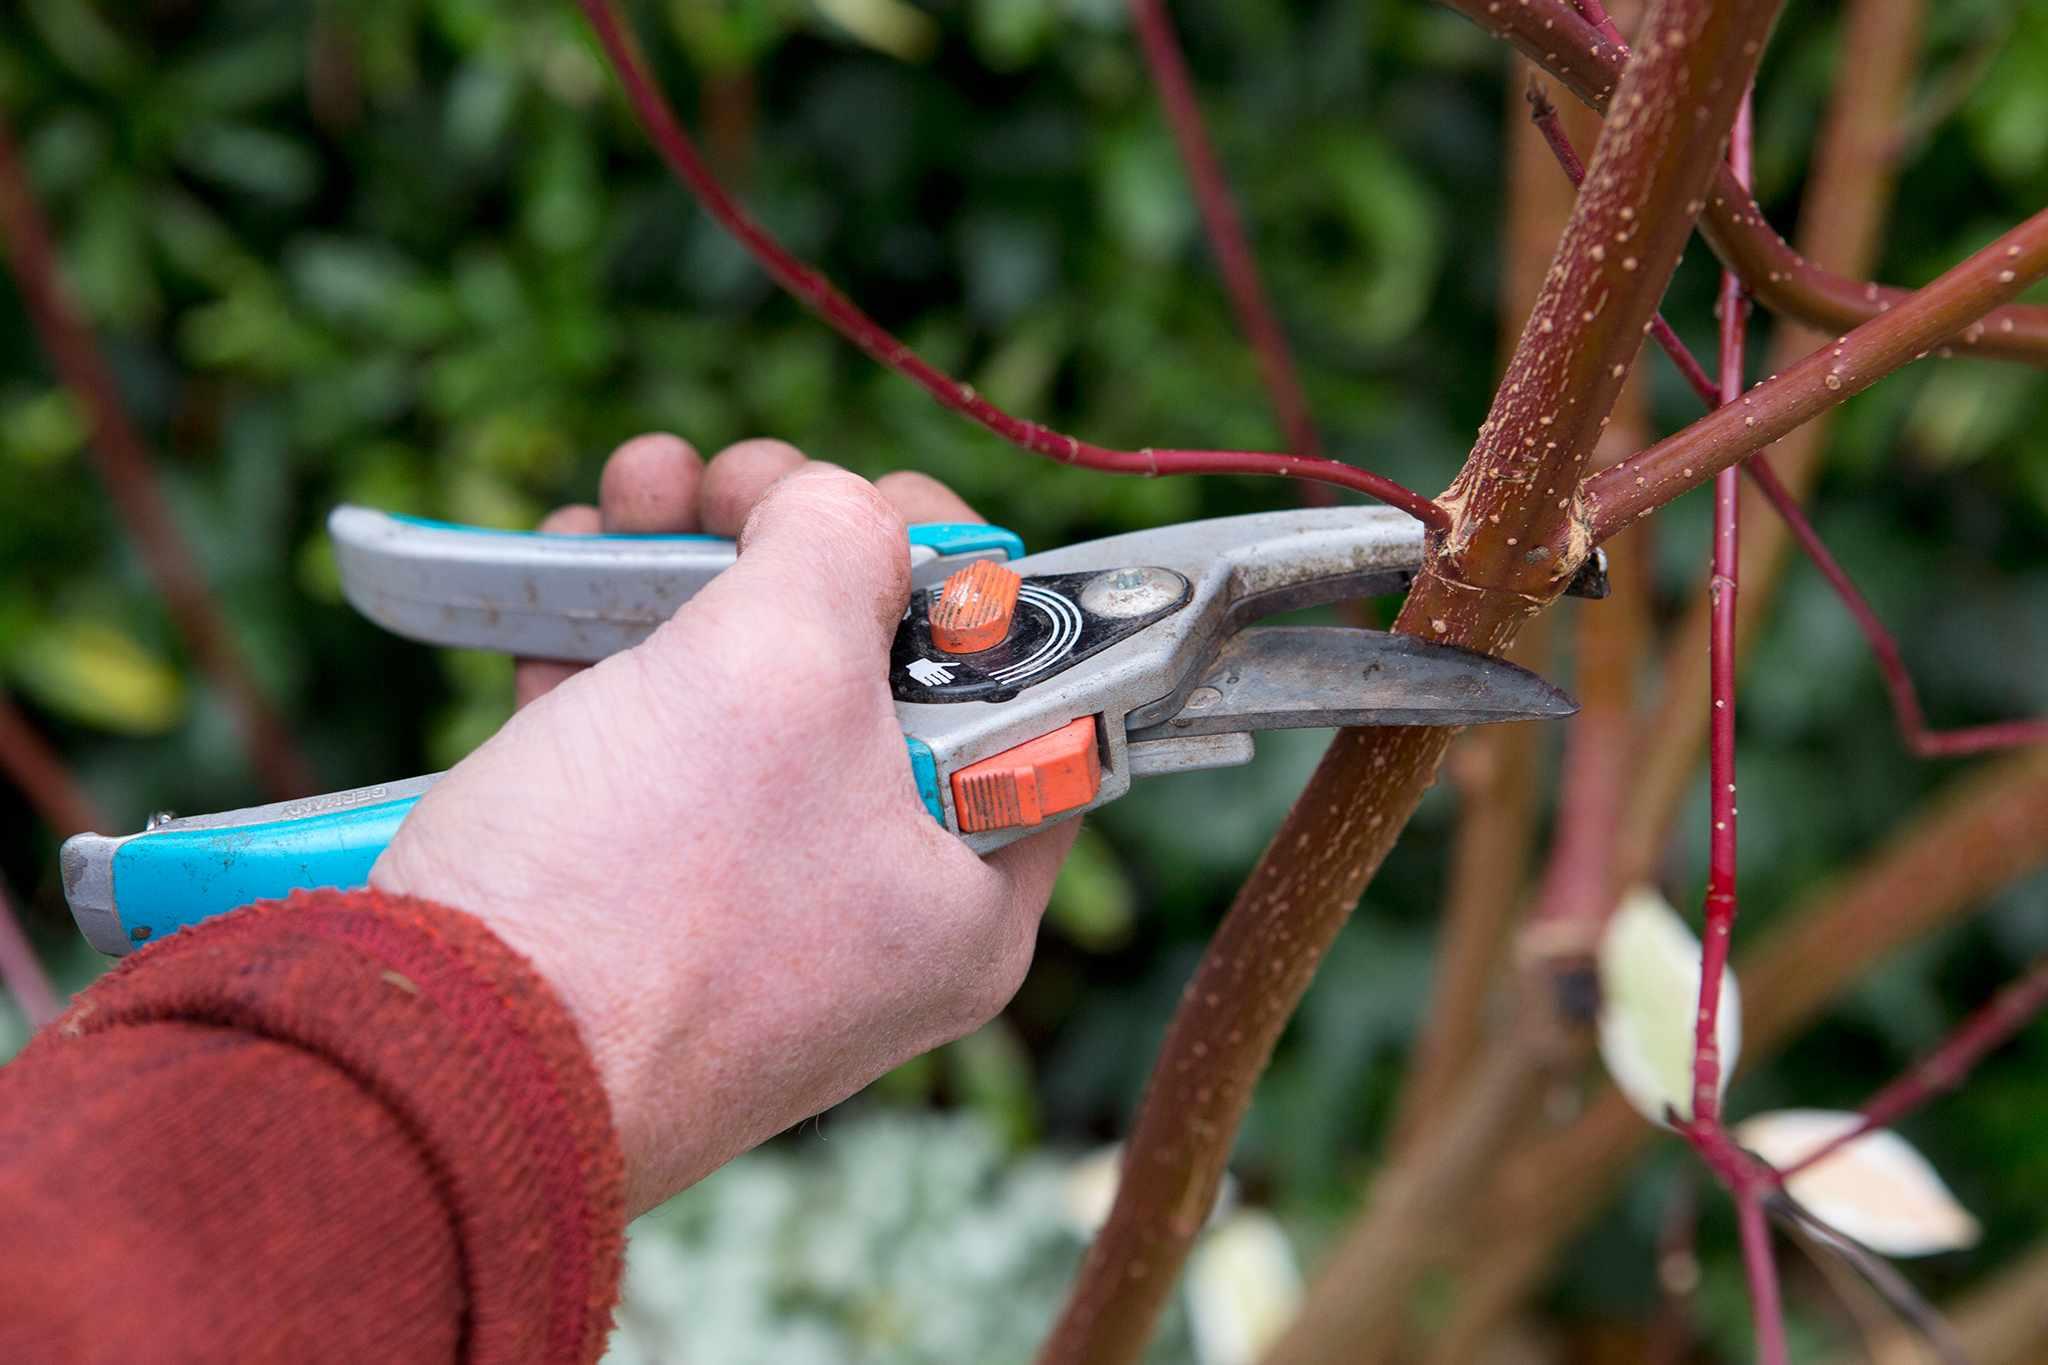 Taking hardwood cuttings